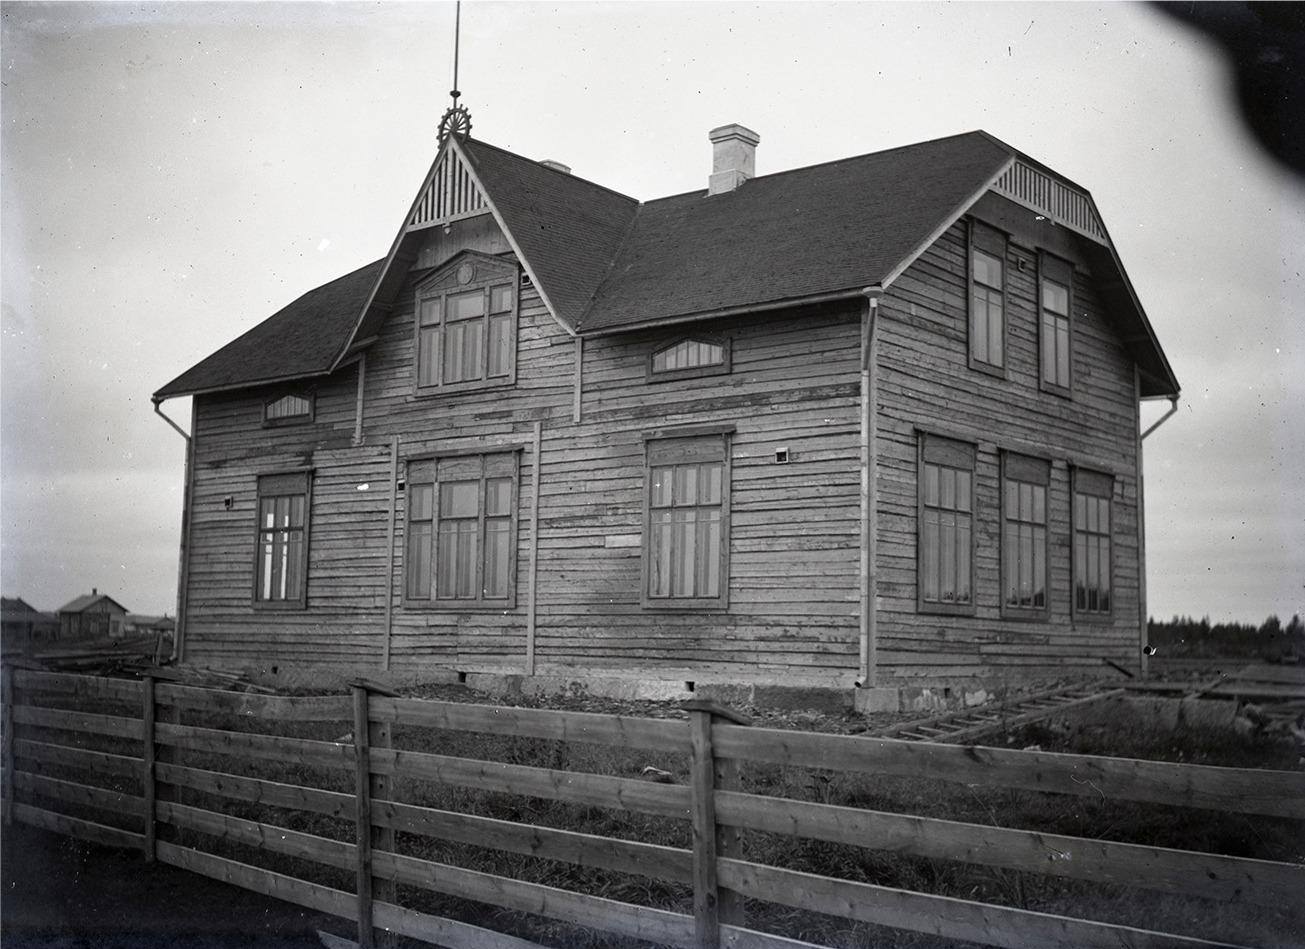 Efter en tid byggde han en likadan skola åt de finska barnen i Mörtmark som han byggde åt de svenska i Dagsmark, men tittar man noga efter så märker man en viss skillnad. Skolbyggnaden står fortfarande kvar i centrum av byn. Den här tiden hörde Mörtmark by till Lappfjärd men den överfördes år 1927 till Bötom kommun.